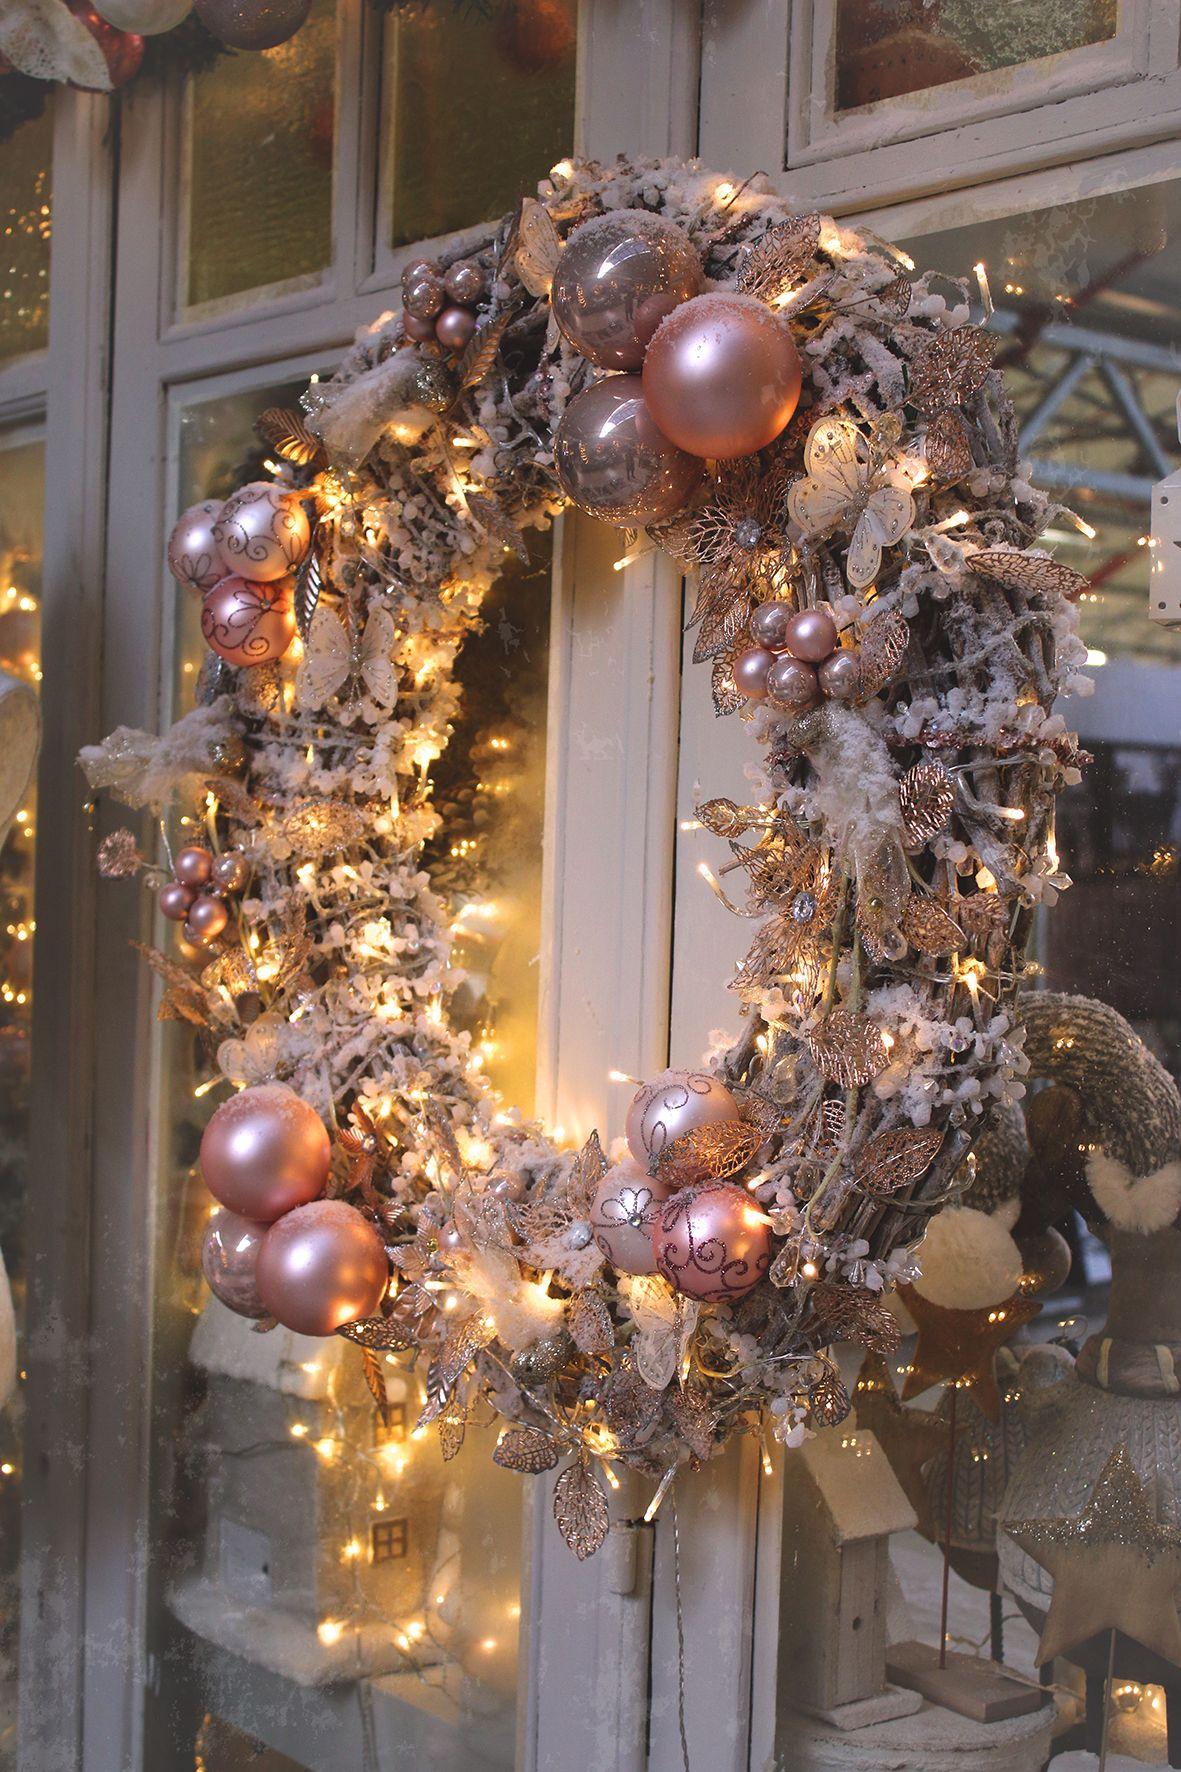 Kerstkrans Met Kerstballen En Decoratie Eigen Creatie Floralux Www Floralux Be Kerst Deur Kransen Kerstkrans Kerstmis Knutselen Volwassenen